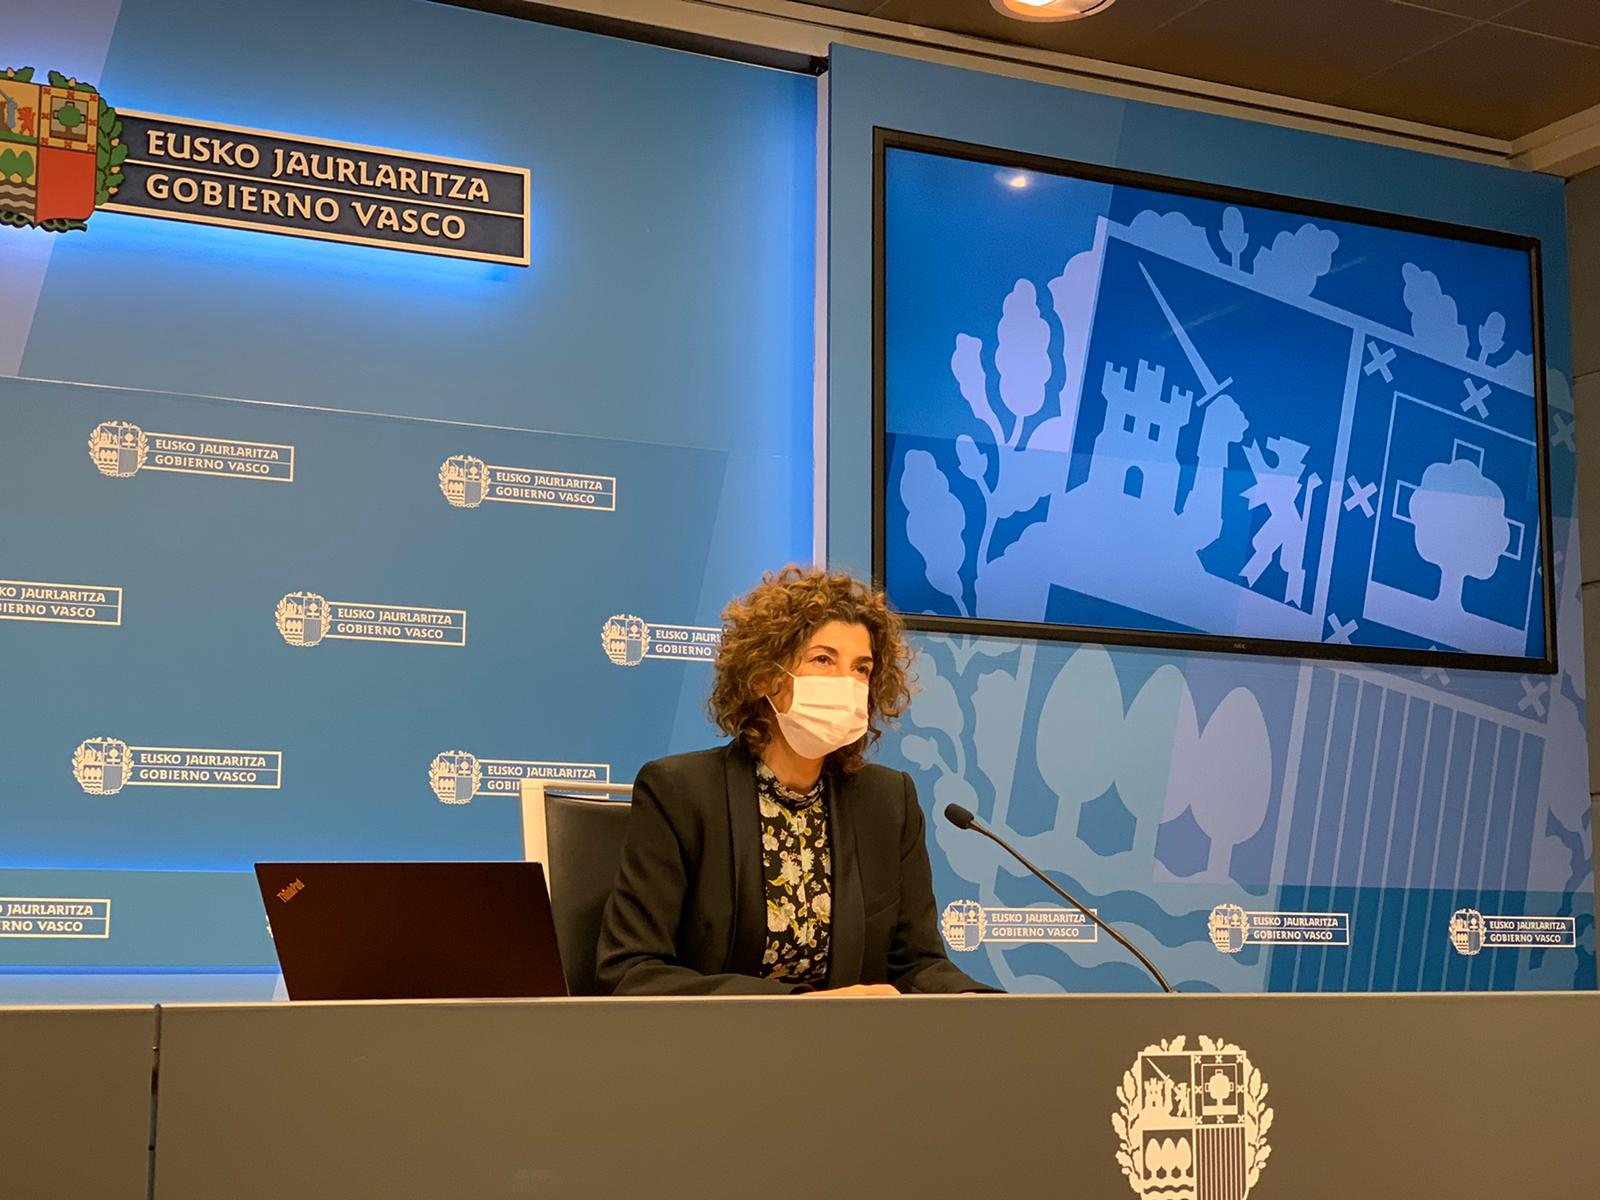 El paro registrado en Euskadi encadena un trimestre de descensos y baja en noviembre 6.035 personas [5:35]